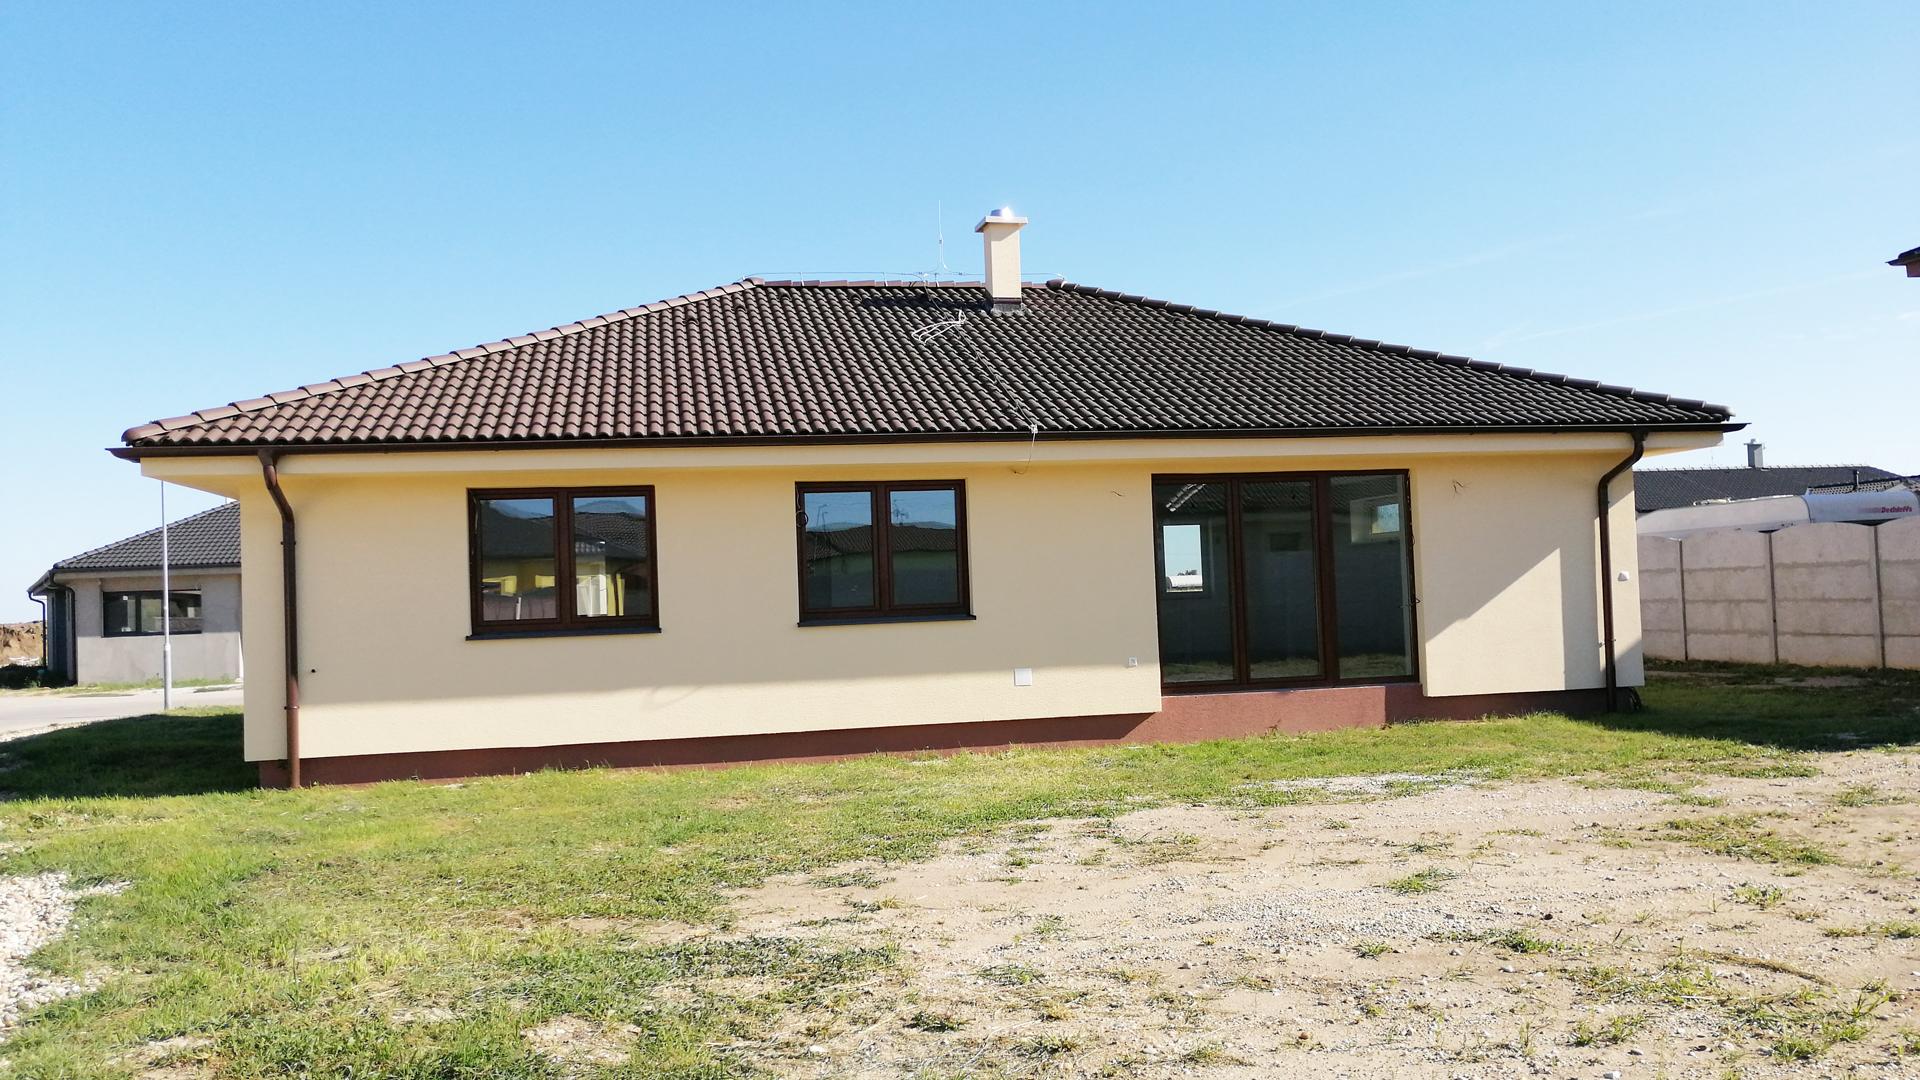 4 izbový rodinný dom, novostavba, Reca, okres Senec – PREDANÉ